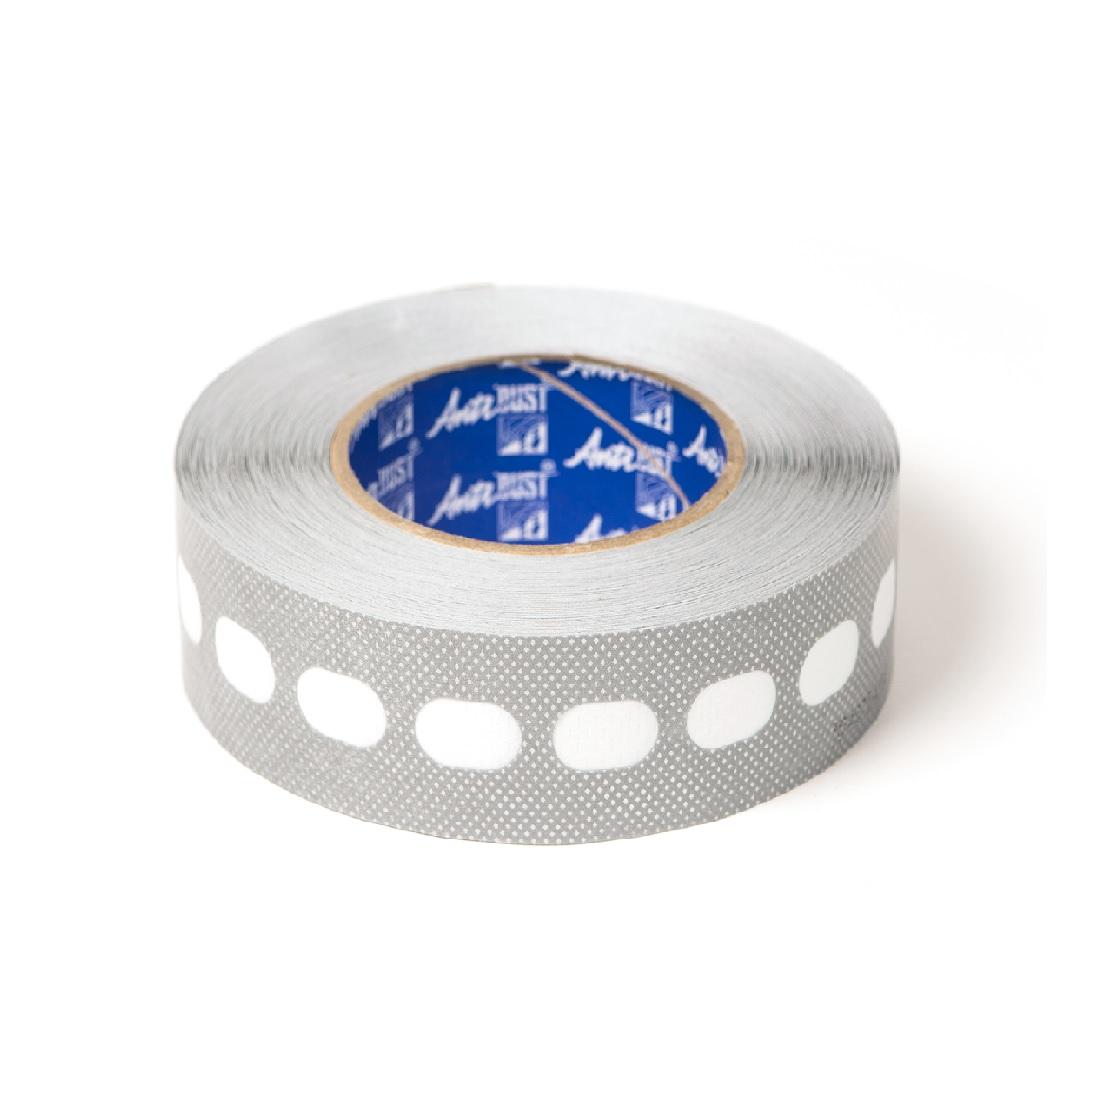 Filtertape AD3560 Antidust 60mm l=33m Tbv 32/35mm